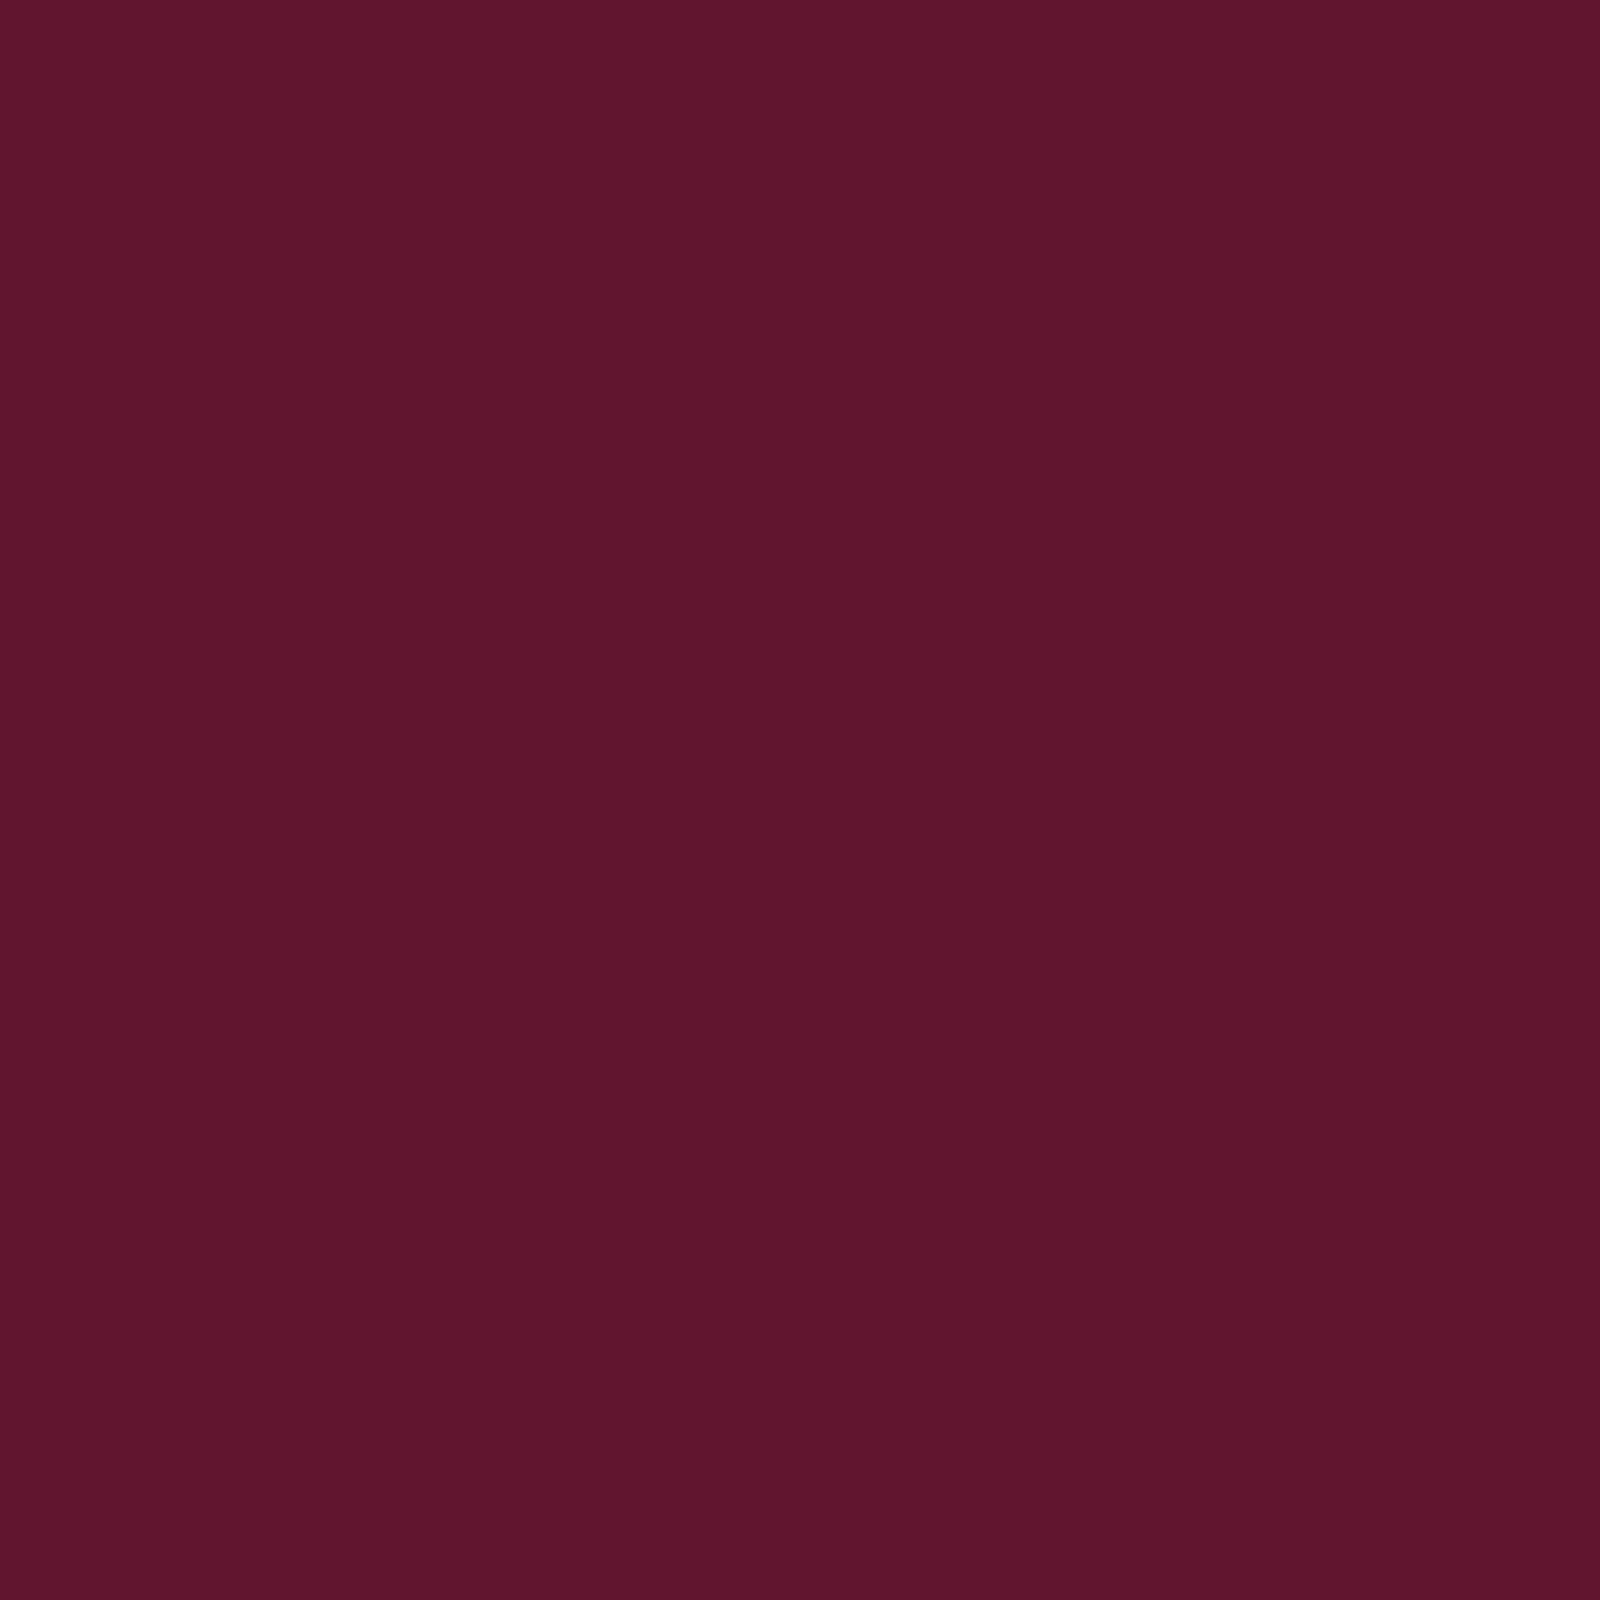 Solid - Rosewood 9617-386<br/>RJR